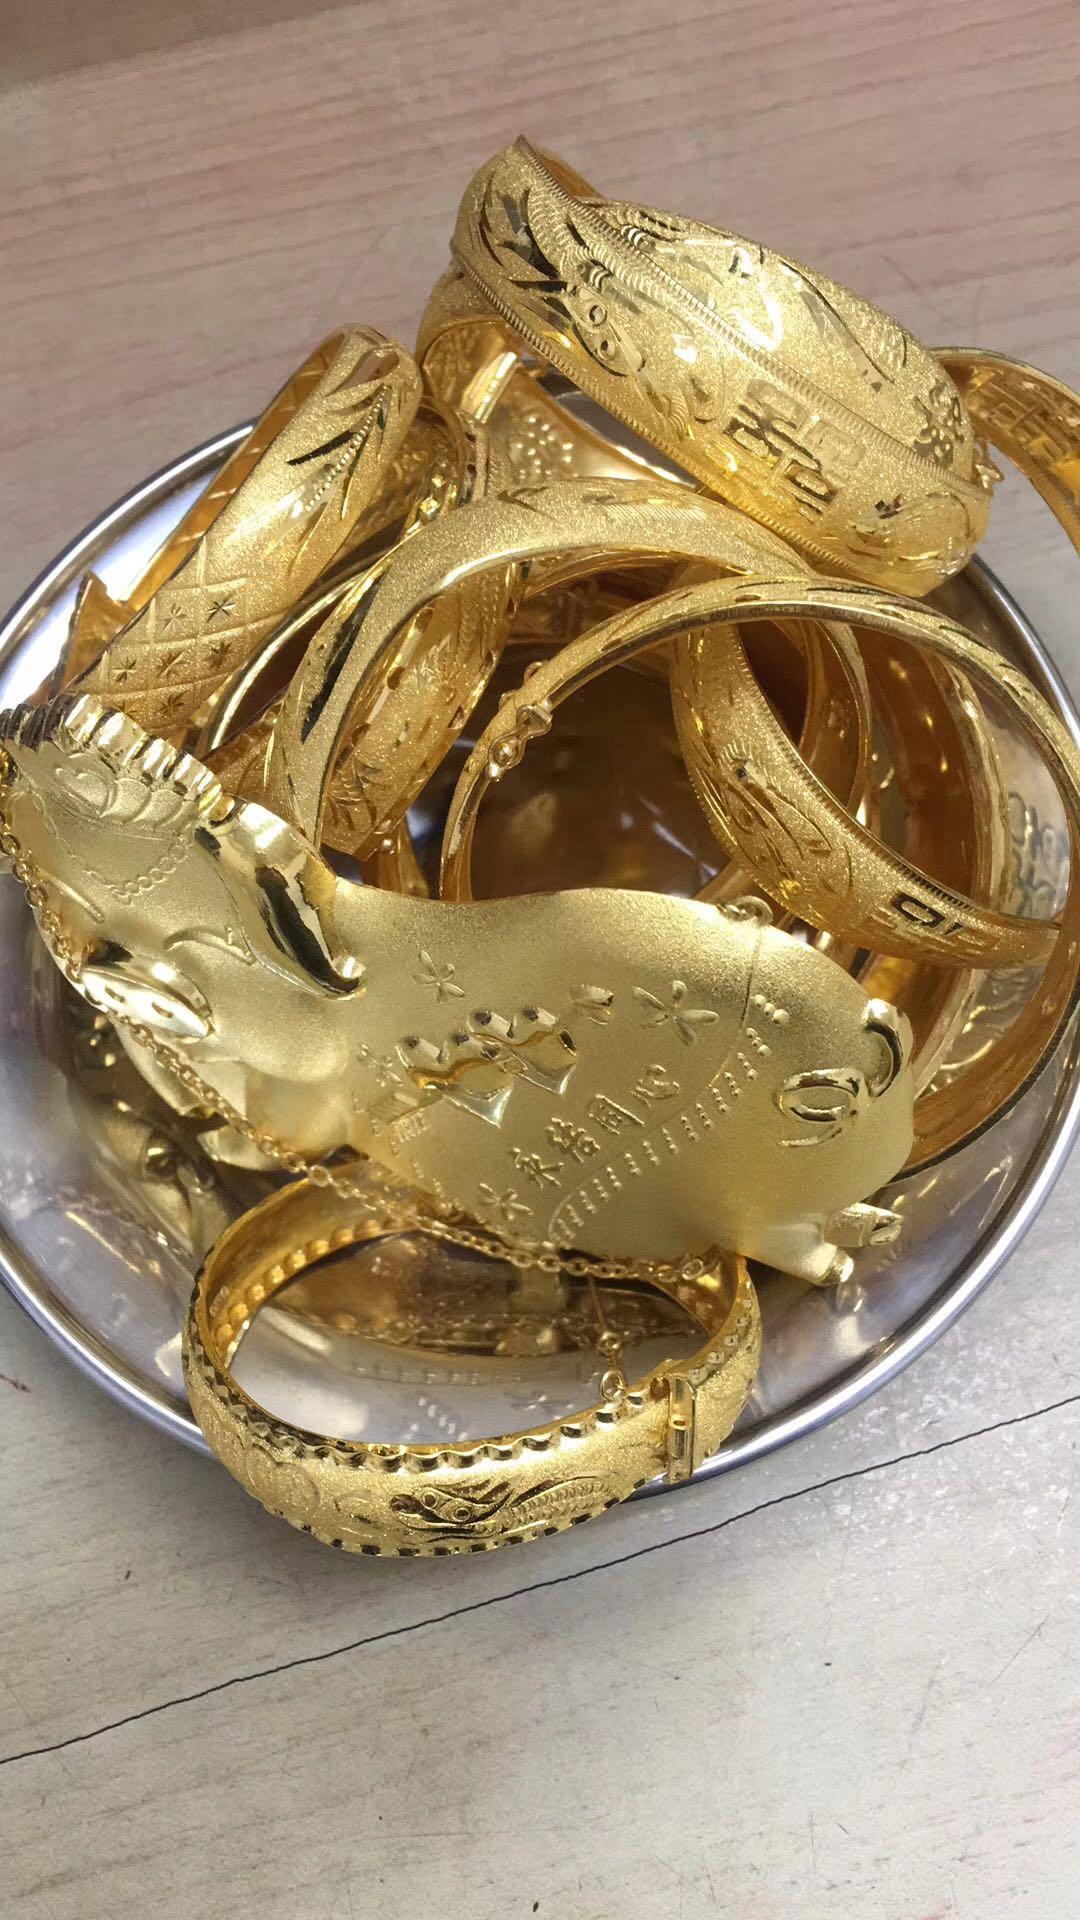 黄金首饰的一般加工工艺